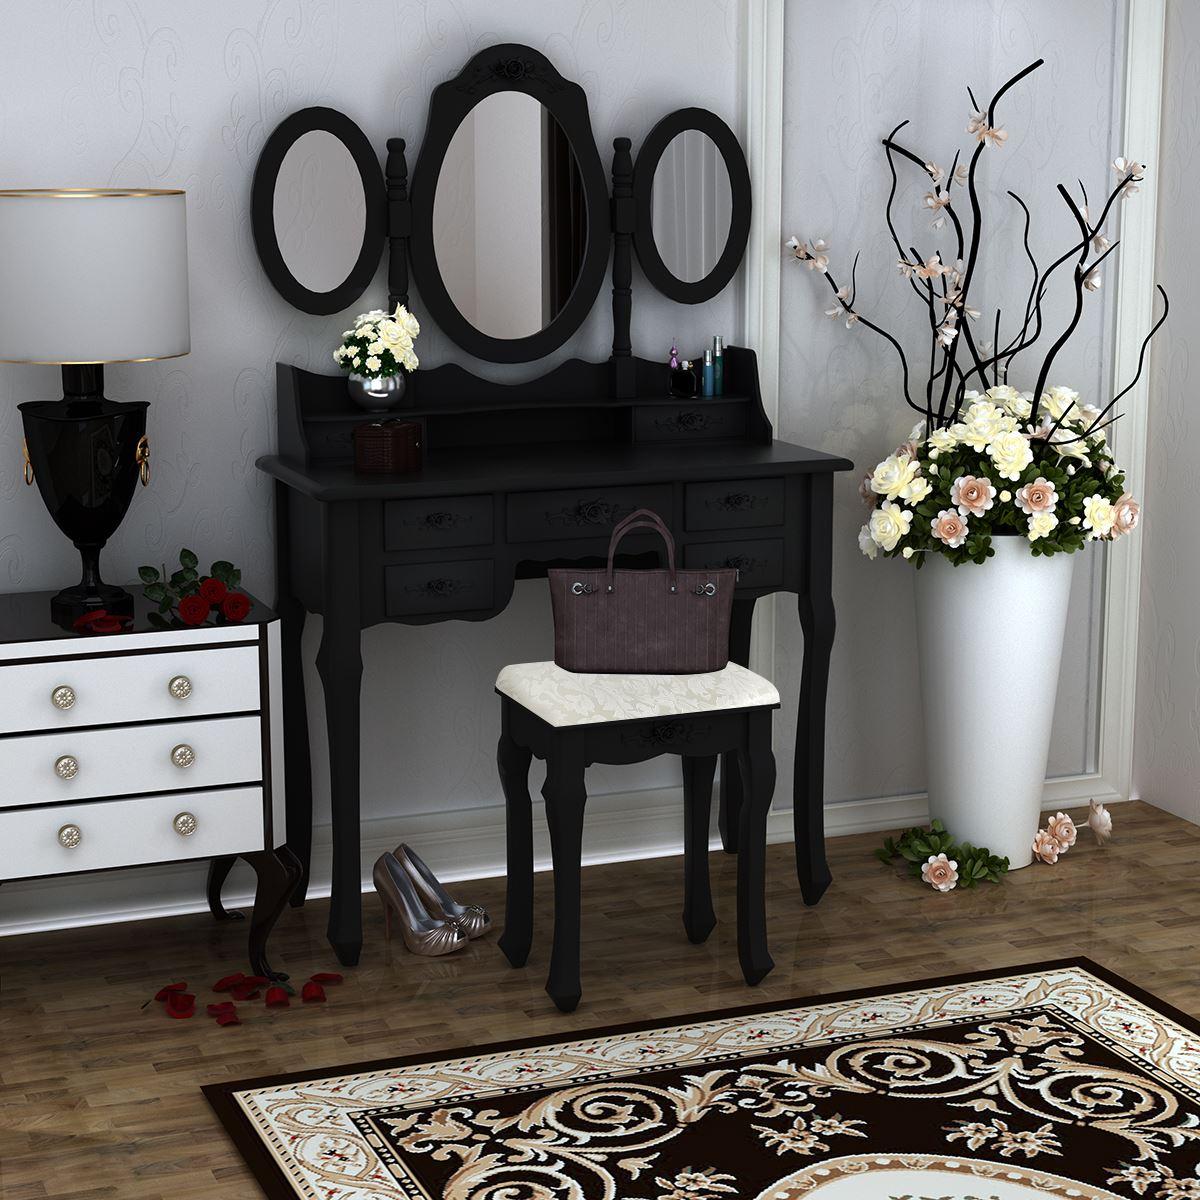 Casa móveis maquiagem penteadeira com fezes 7 gavetas espelhos ajustáveis quarto estilo barroco transporte rápido